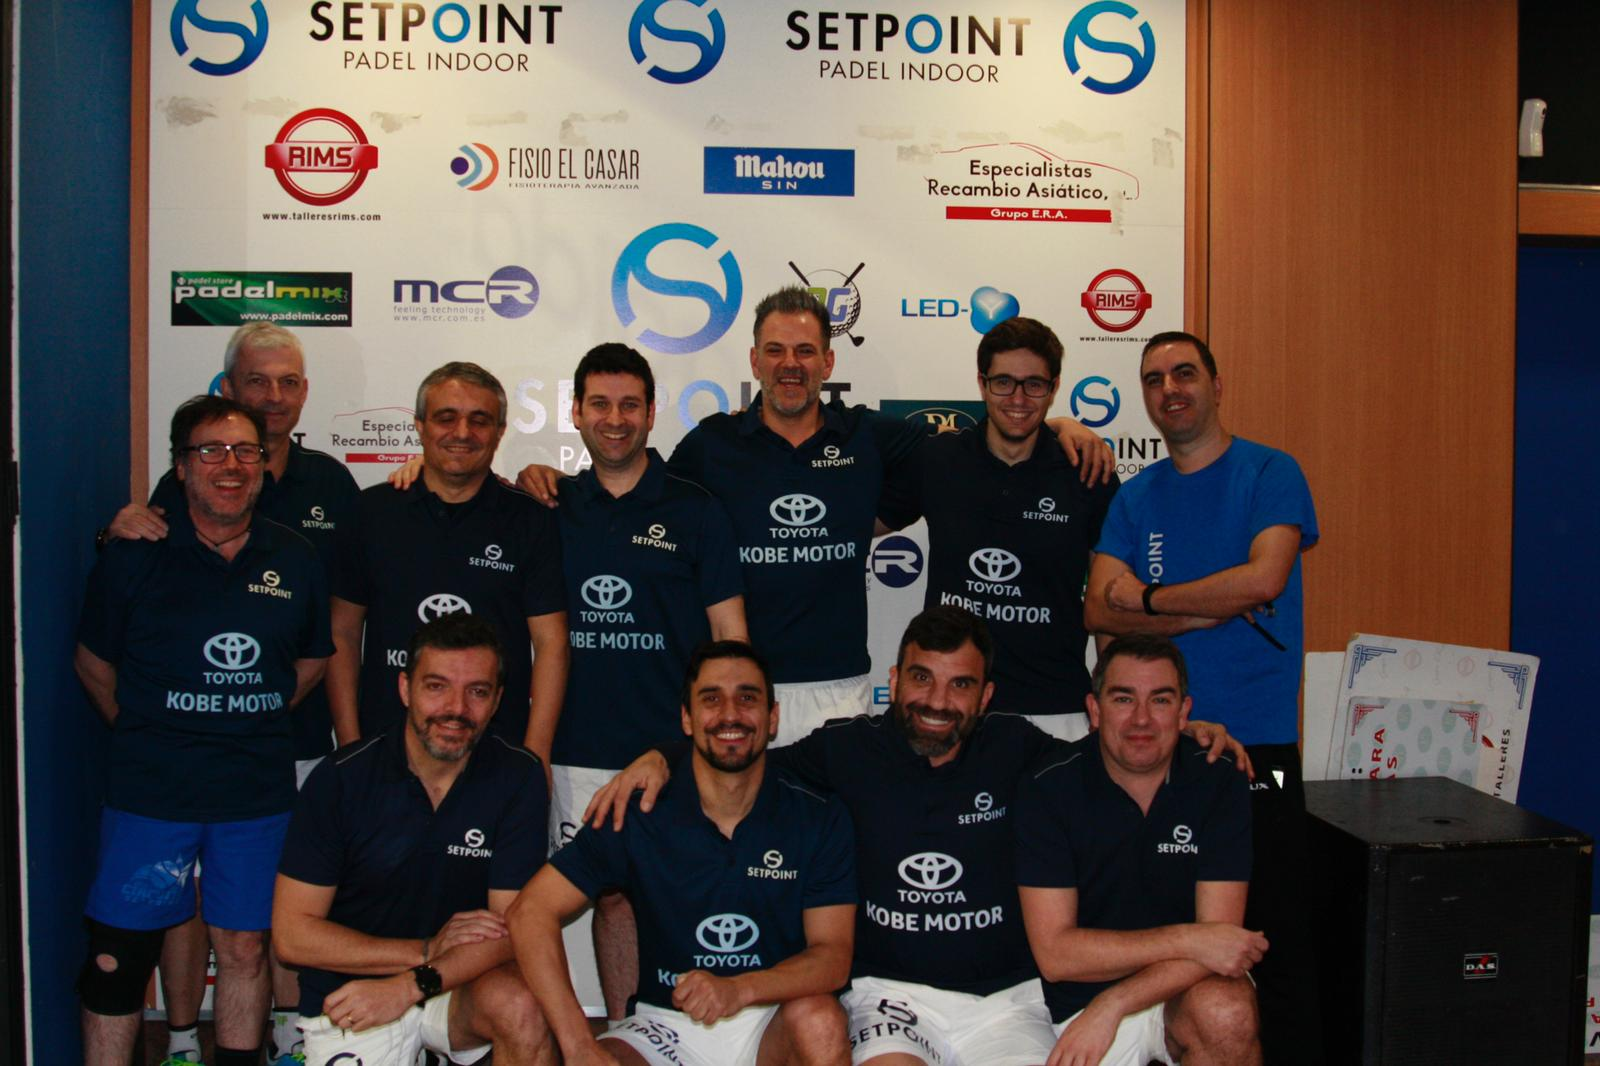 Equipo Setpoint SNP C